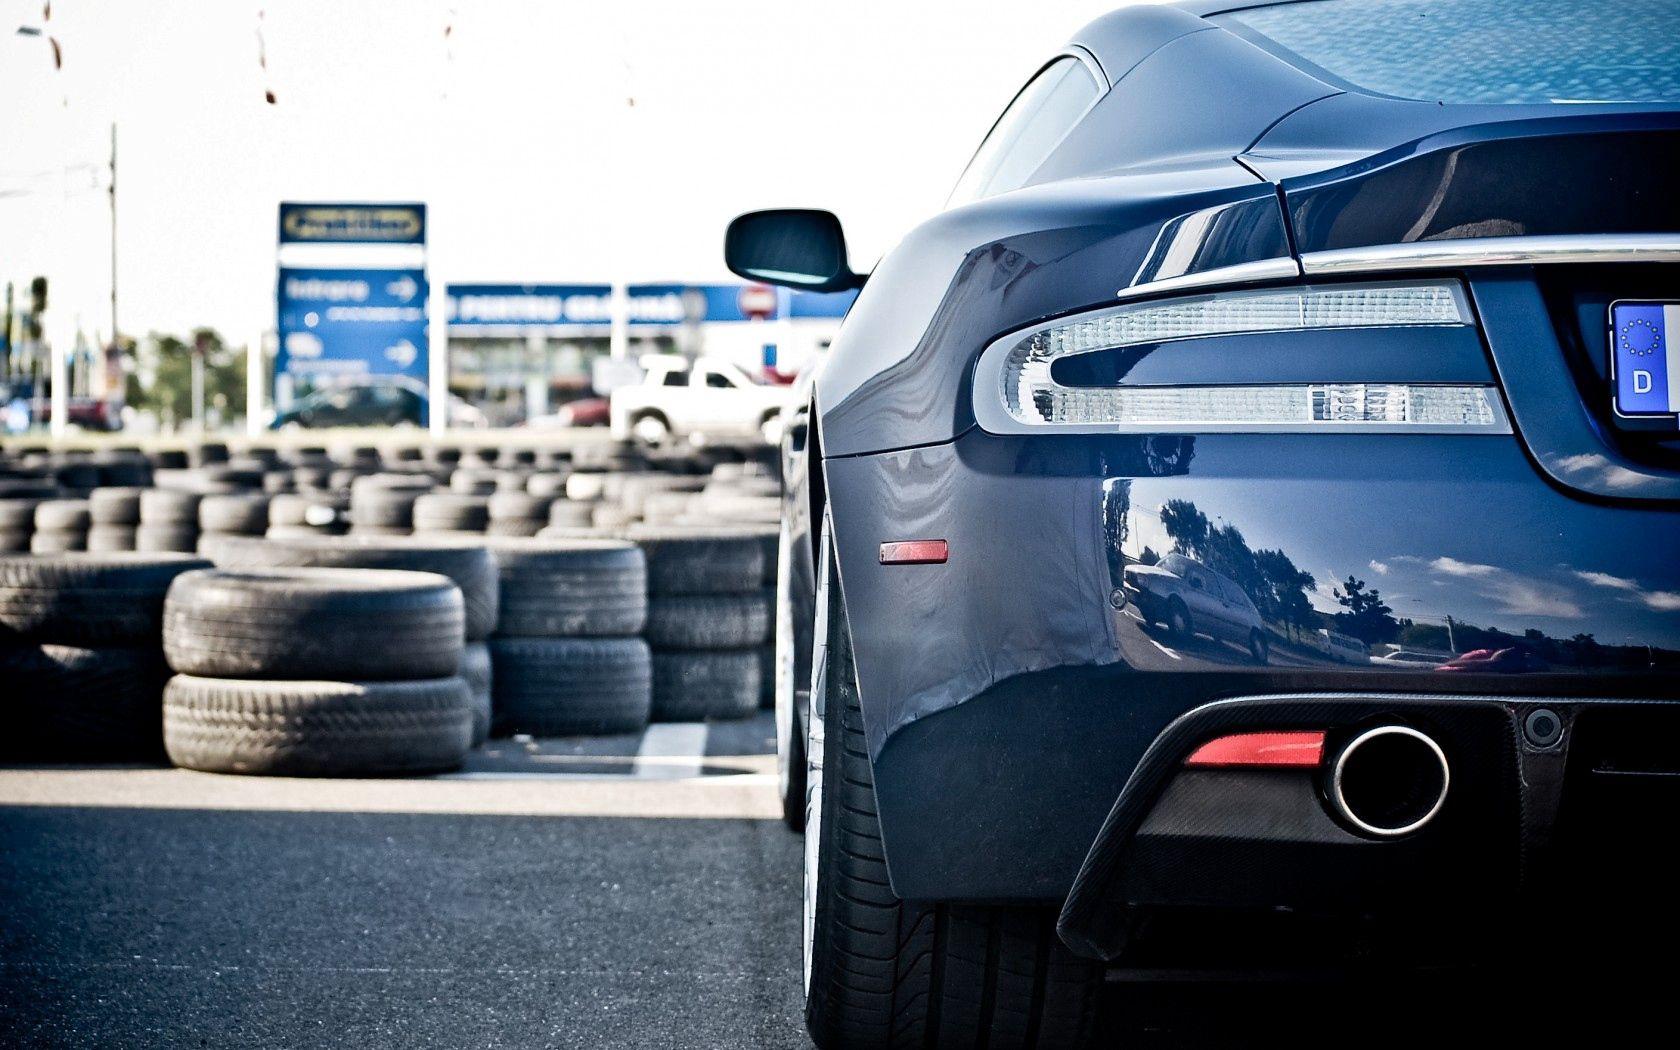 117924 Заставки и Обои Астон Мартин (Aston Martin) на телефон. Скачать Астон Мартин (Aston Martin), Тачки (Cars), Синий, Dbs картинки бесплатно